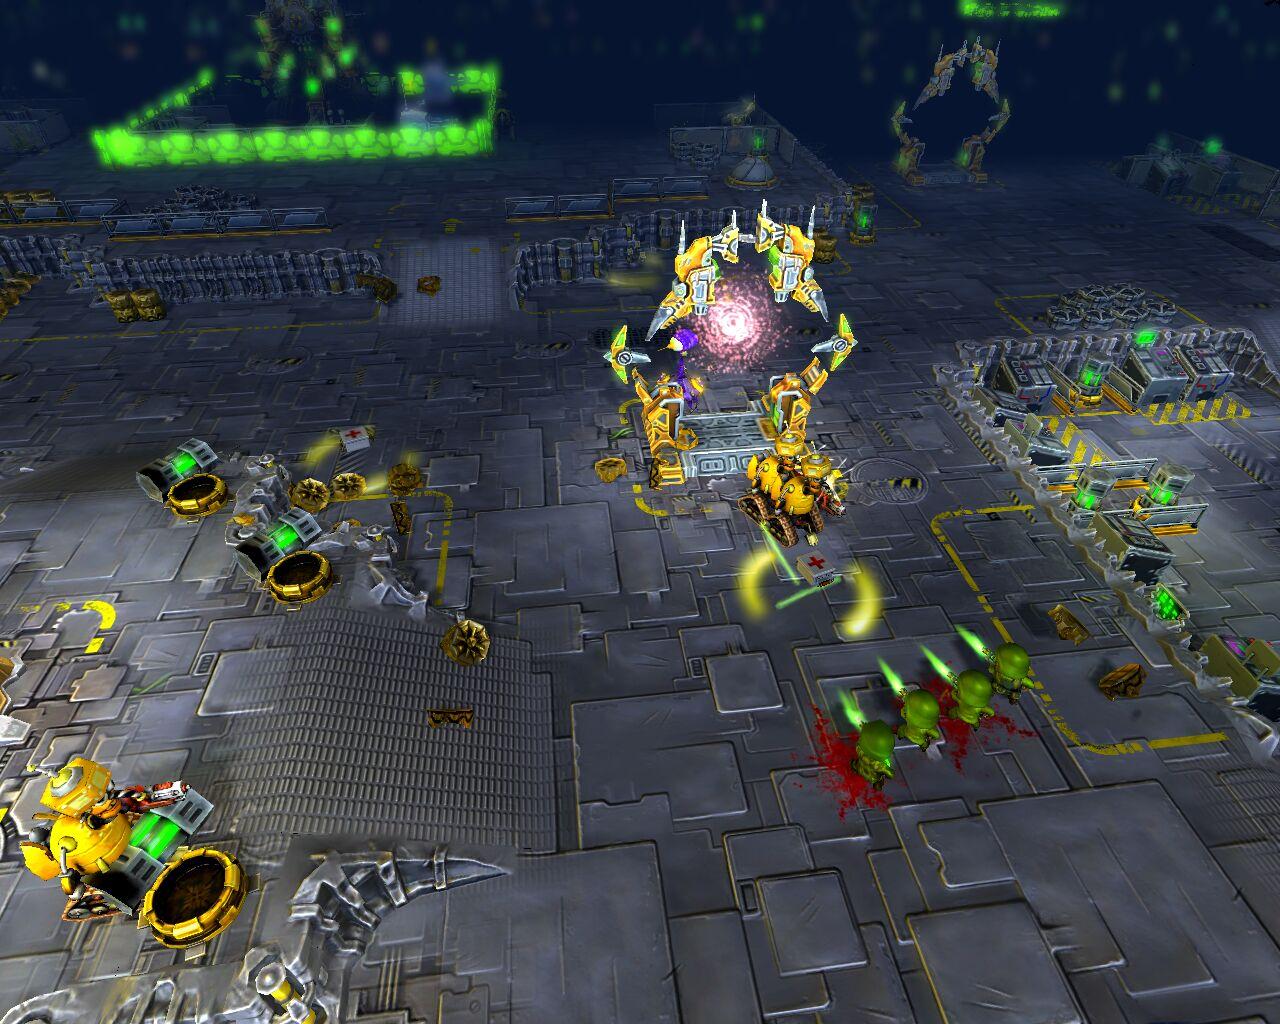 Первая часть игры вышла в таком далеком 1993 году, что даже вспомнить боязно. И вступительный ролик, и первые сражен ... - Изображение 1